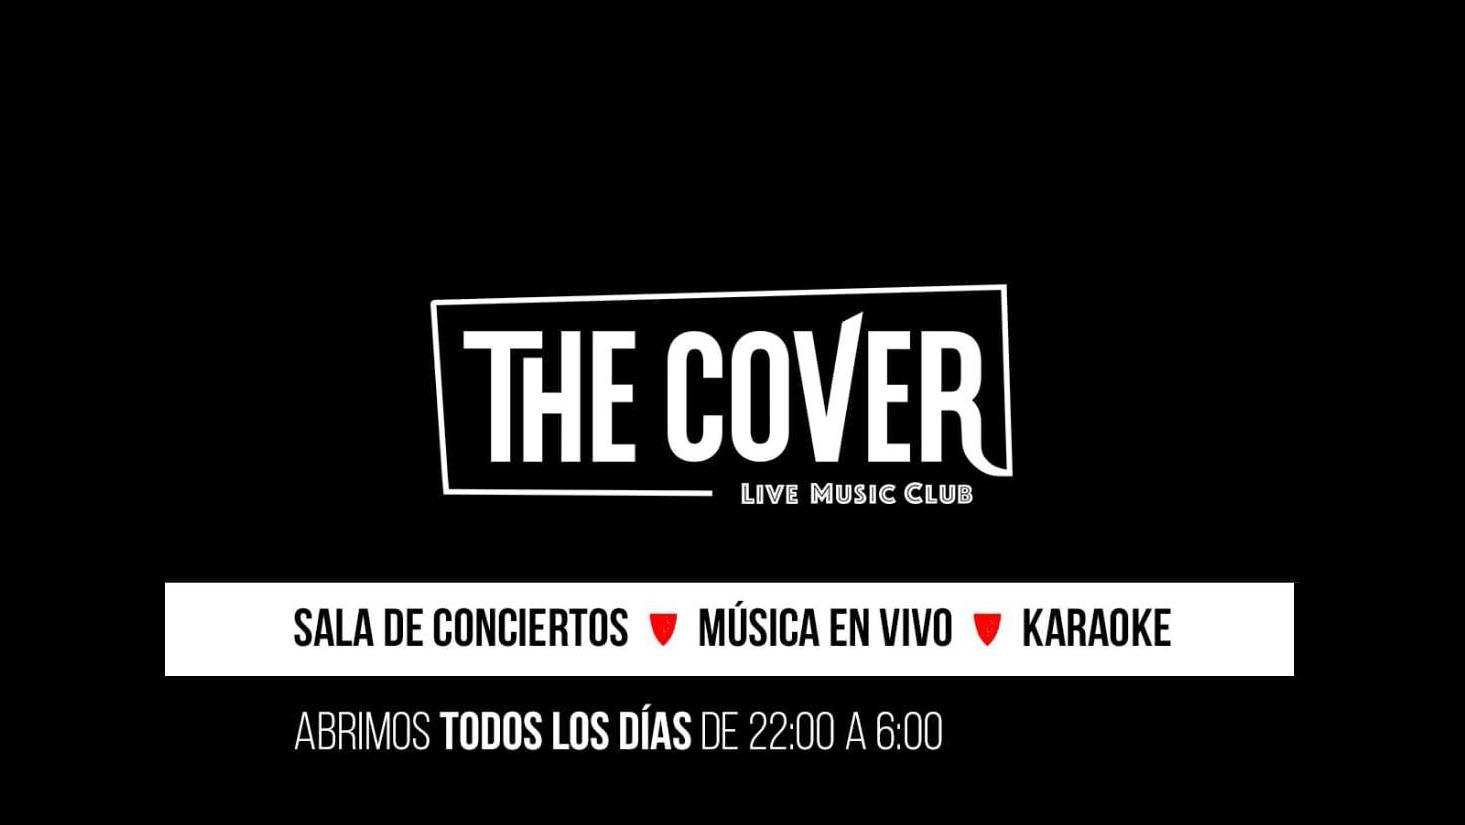 Logo de The Cover Live Music